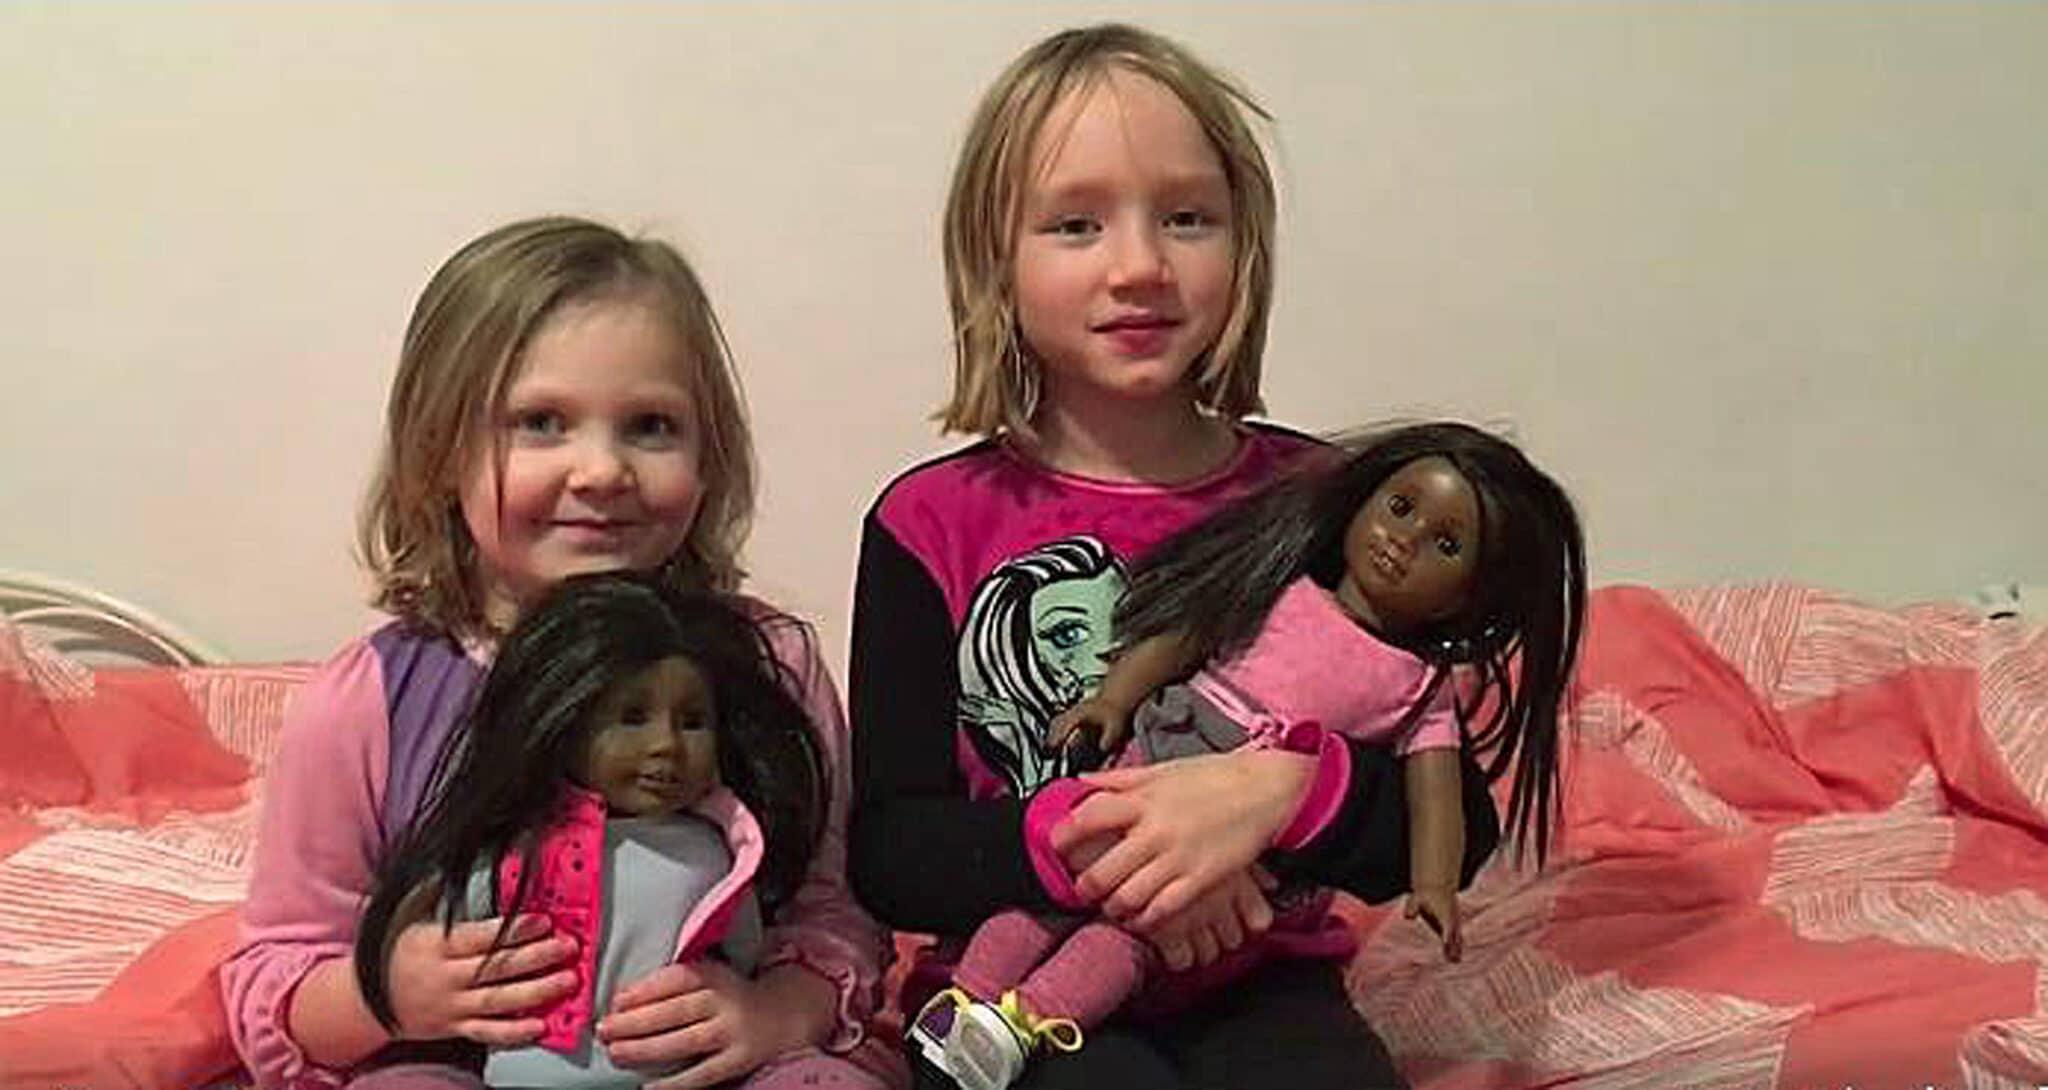 L'ossessione delle mamme tedesche: giocare con una bambola bianca renderà mia figlia razzista? <br> Schizofrenie del politically correct